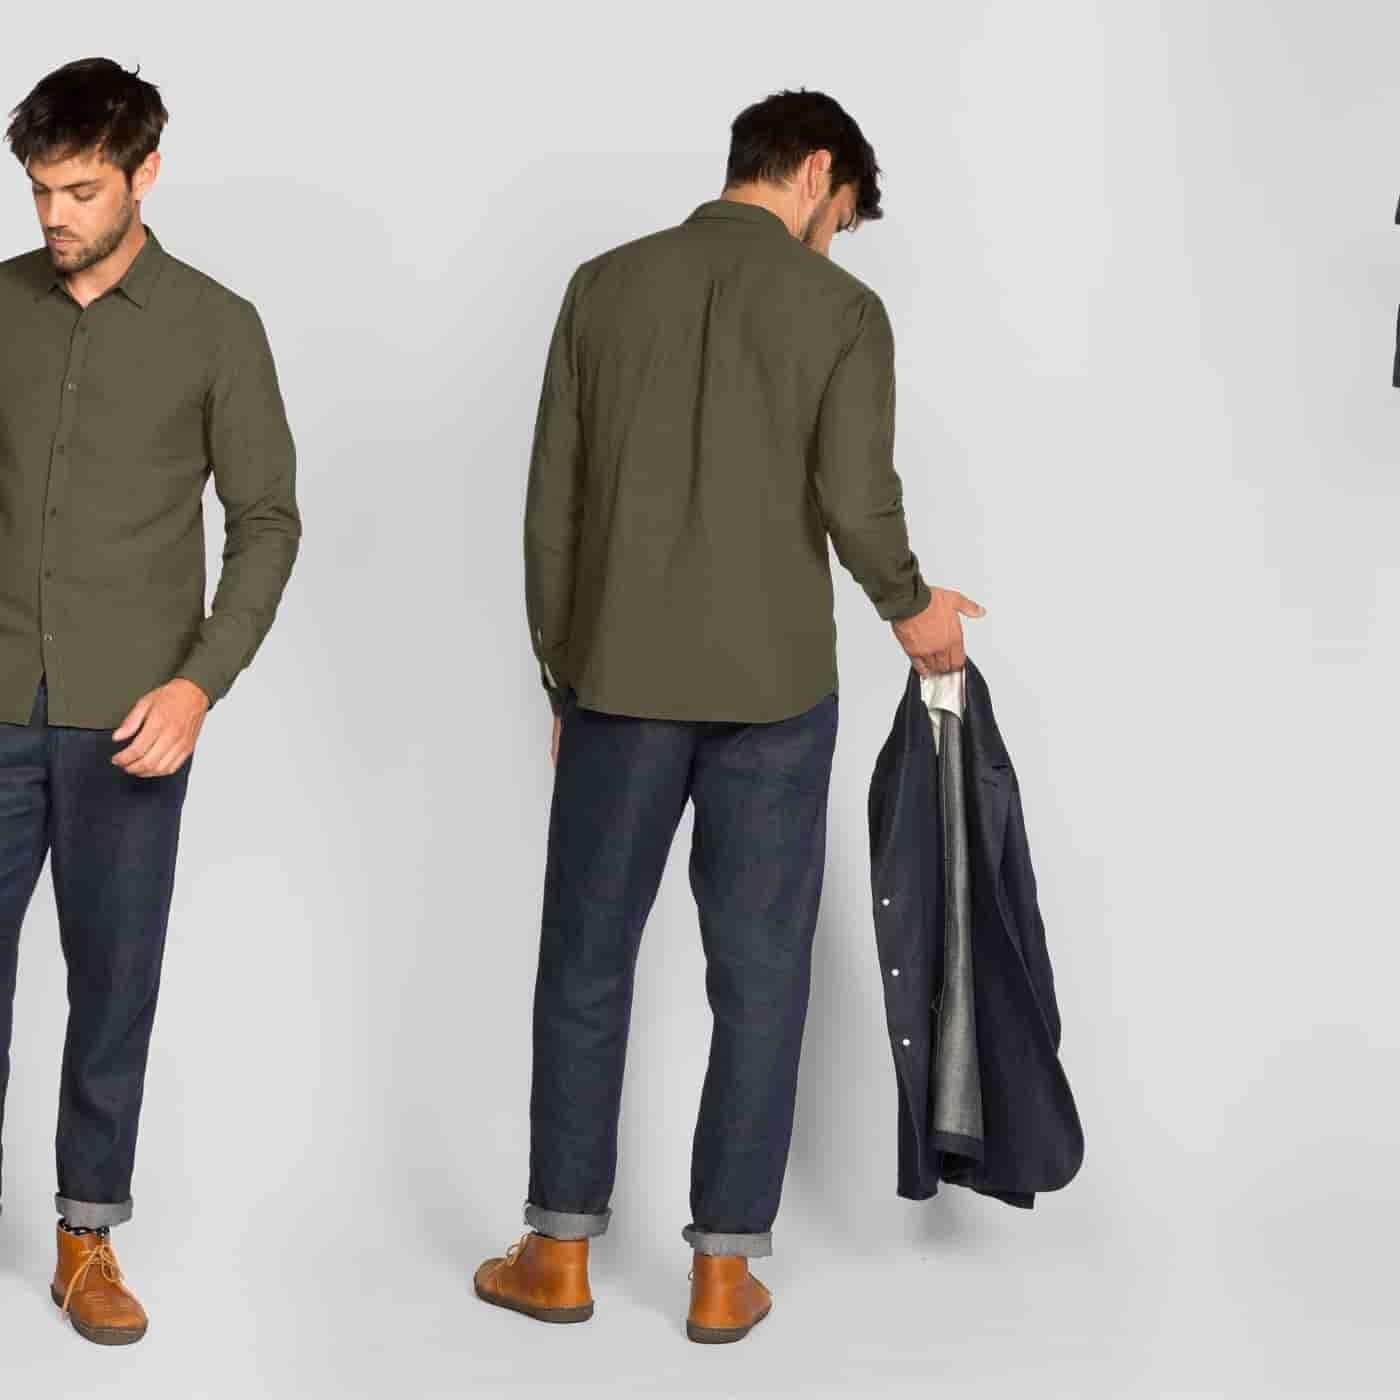 kleider männer | freitag